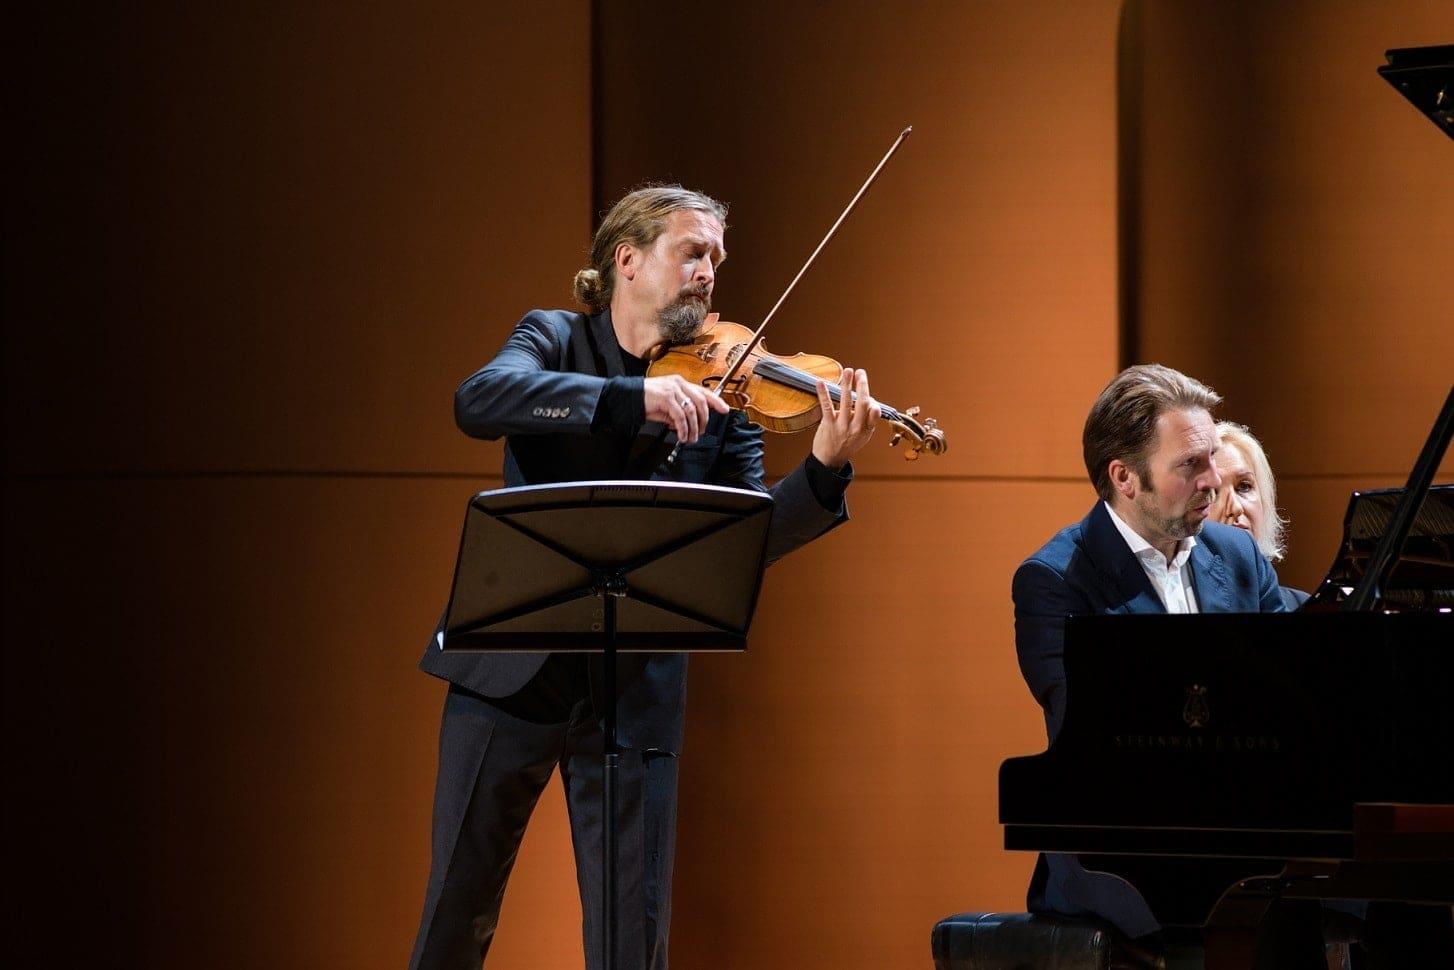 Кристиан Тецлафф и Лейф Ове Андснес. Фото предоставлено пресс-службой Московской филармонии